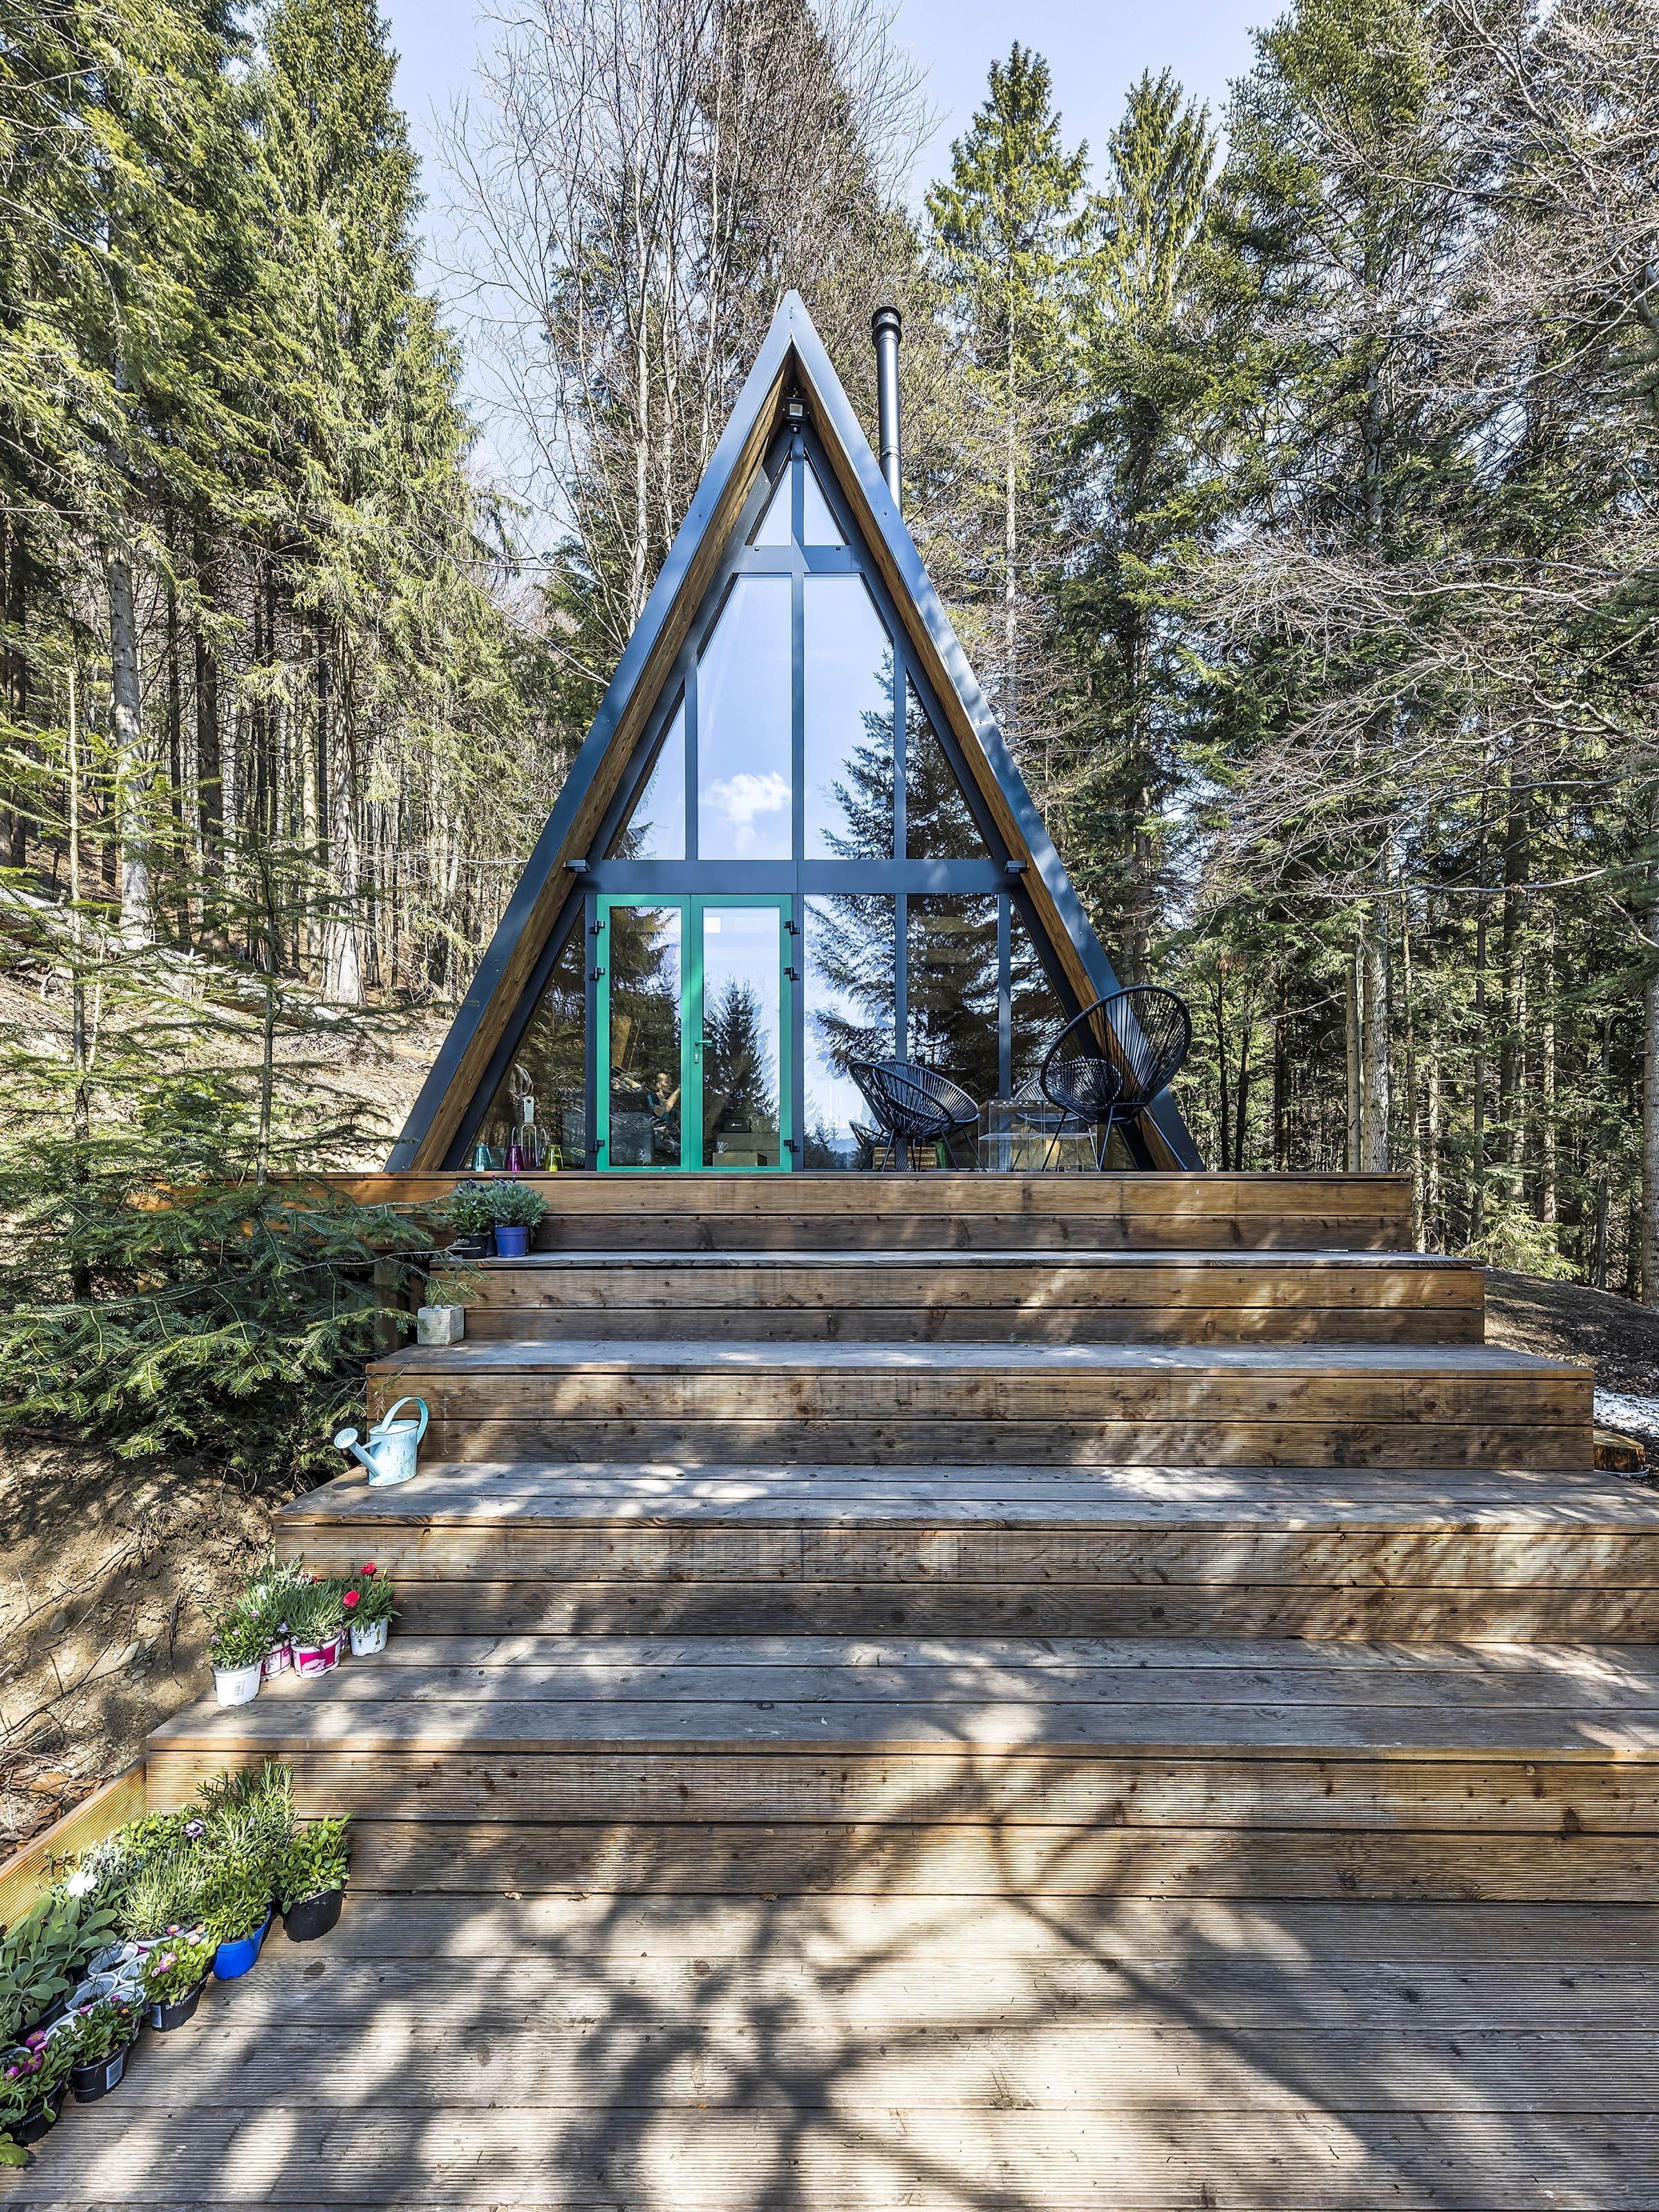 Nevelká chata v klasickém A stylu je krásným příkladem toho, že jde pracovat s tím, co máme a ze starého vznikne útulné prázdninové bydlení v minimalistickém duchu s vůní dřeva.